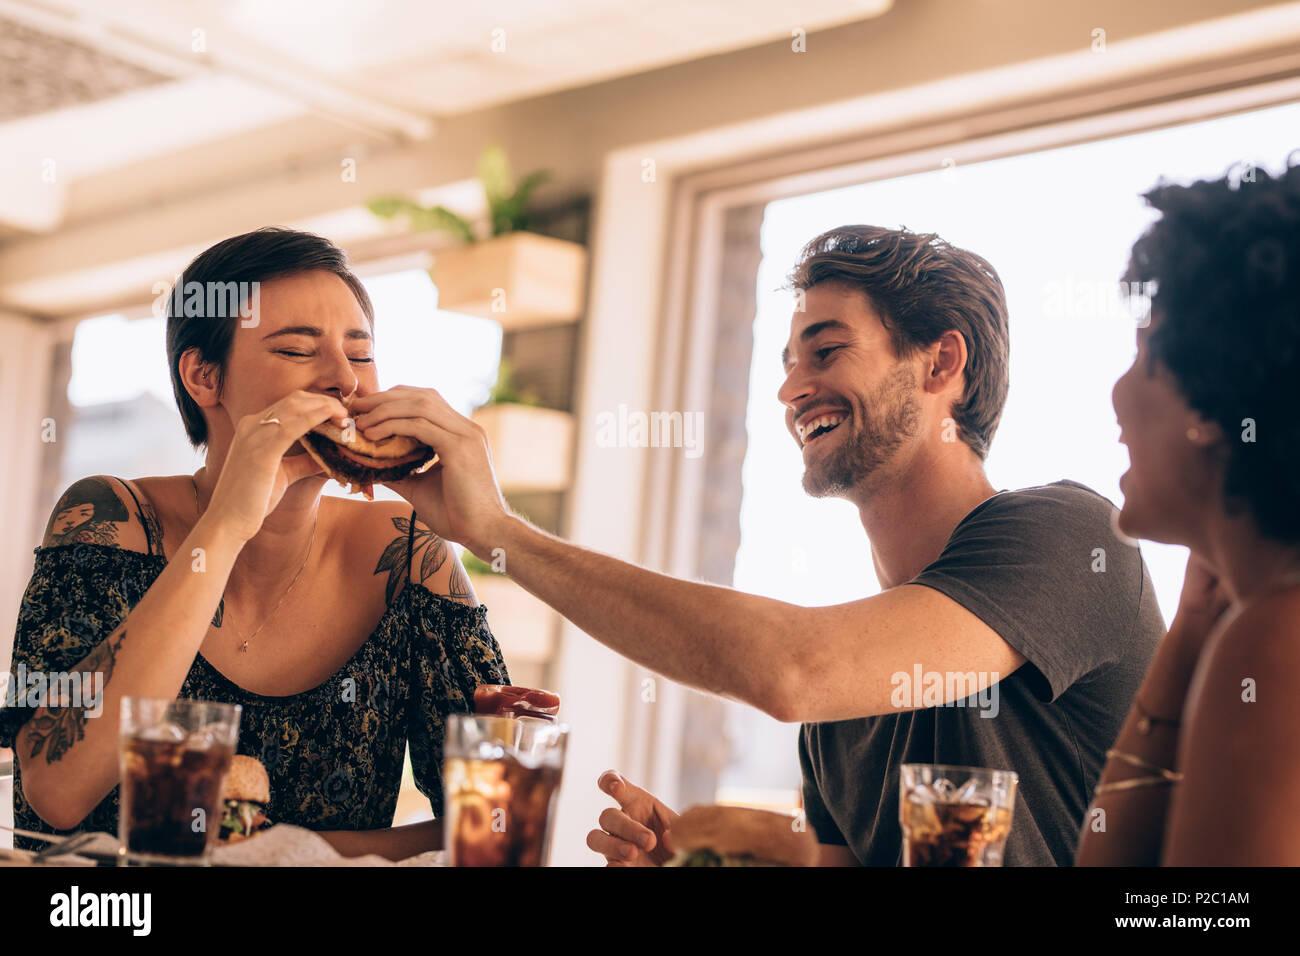 Femme de prendre une bouchée d'amis burger du restaurant. Groupe de jeunes ayant la nourriture dans un restaurant. Banque D'Images